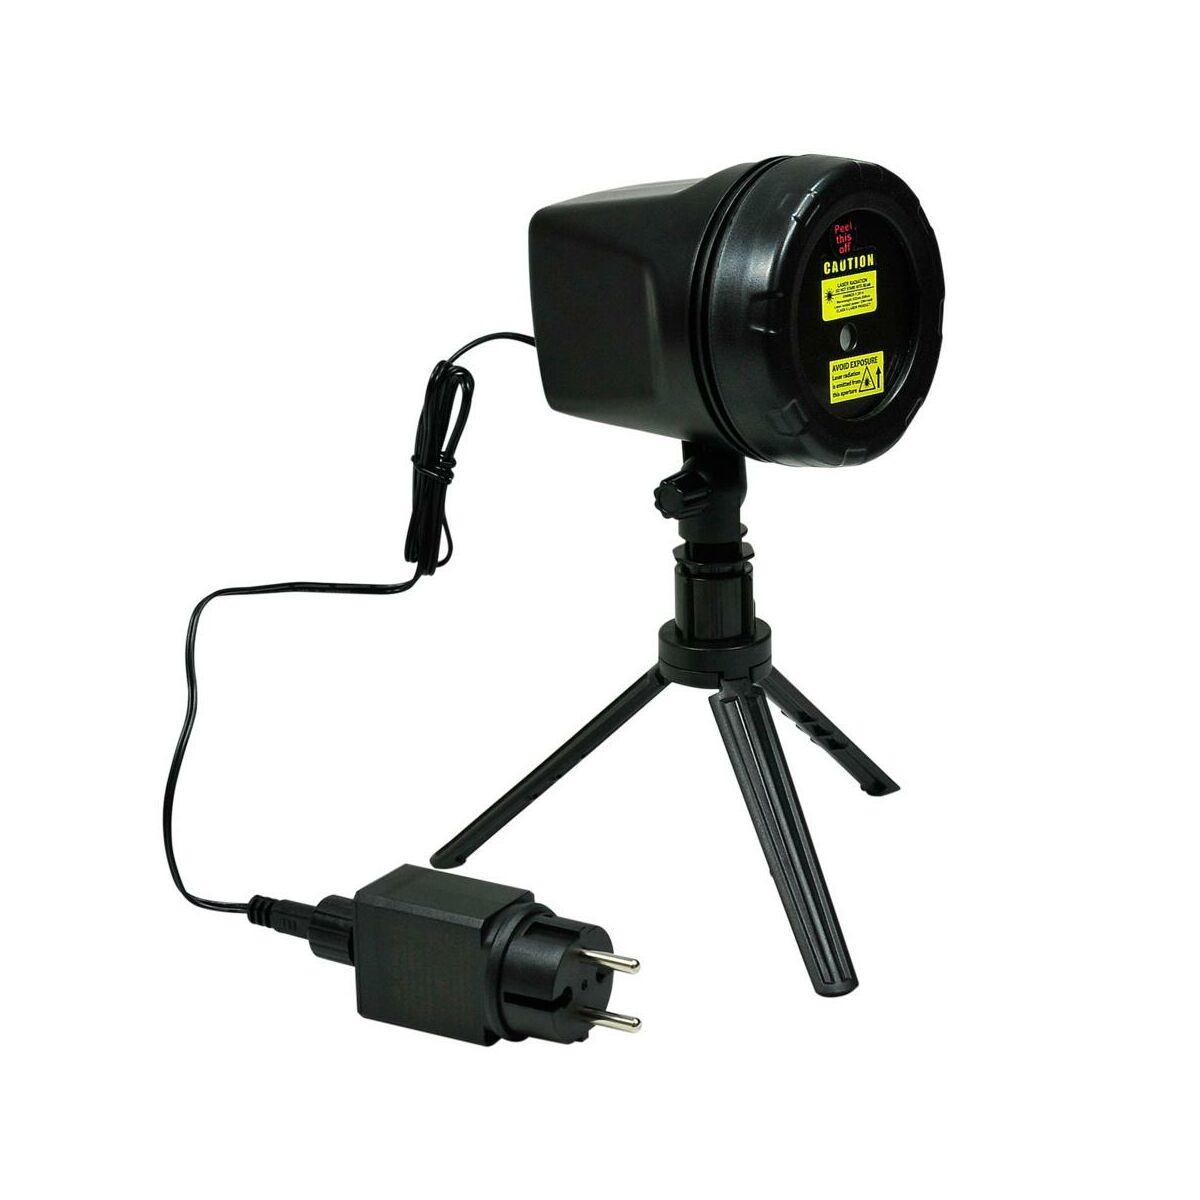 Projektor Laserowy Zewnętrzny 5 Funkcji Oświetlenie świąteczne Zewnętrzne W Atrakcyjnej Cenie W Sklepach Leroy Merlin